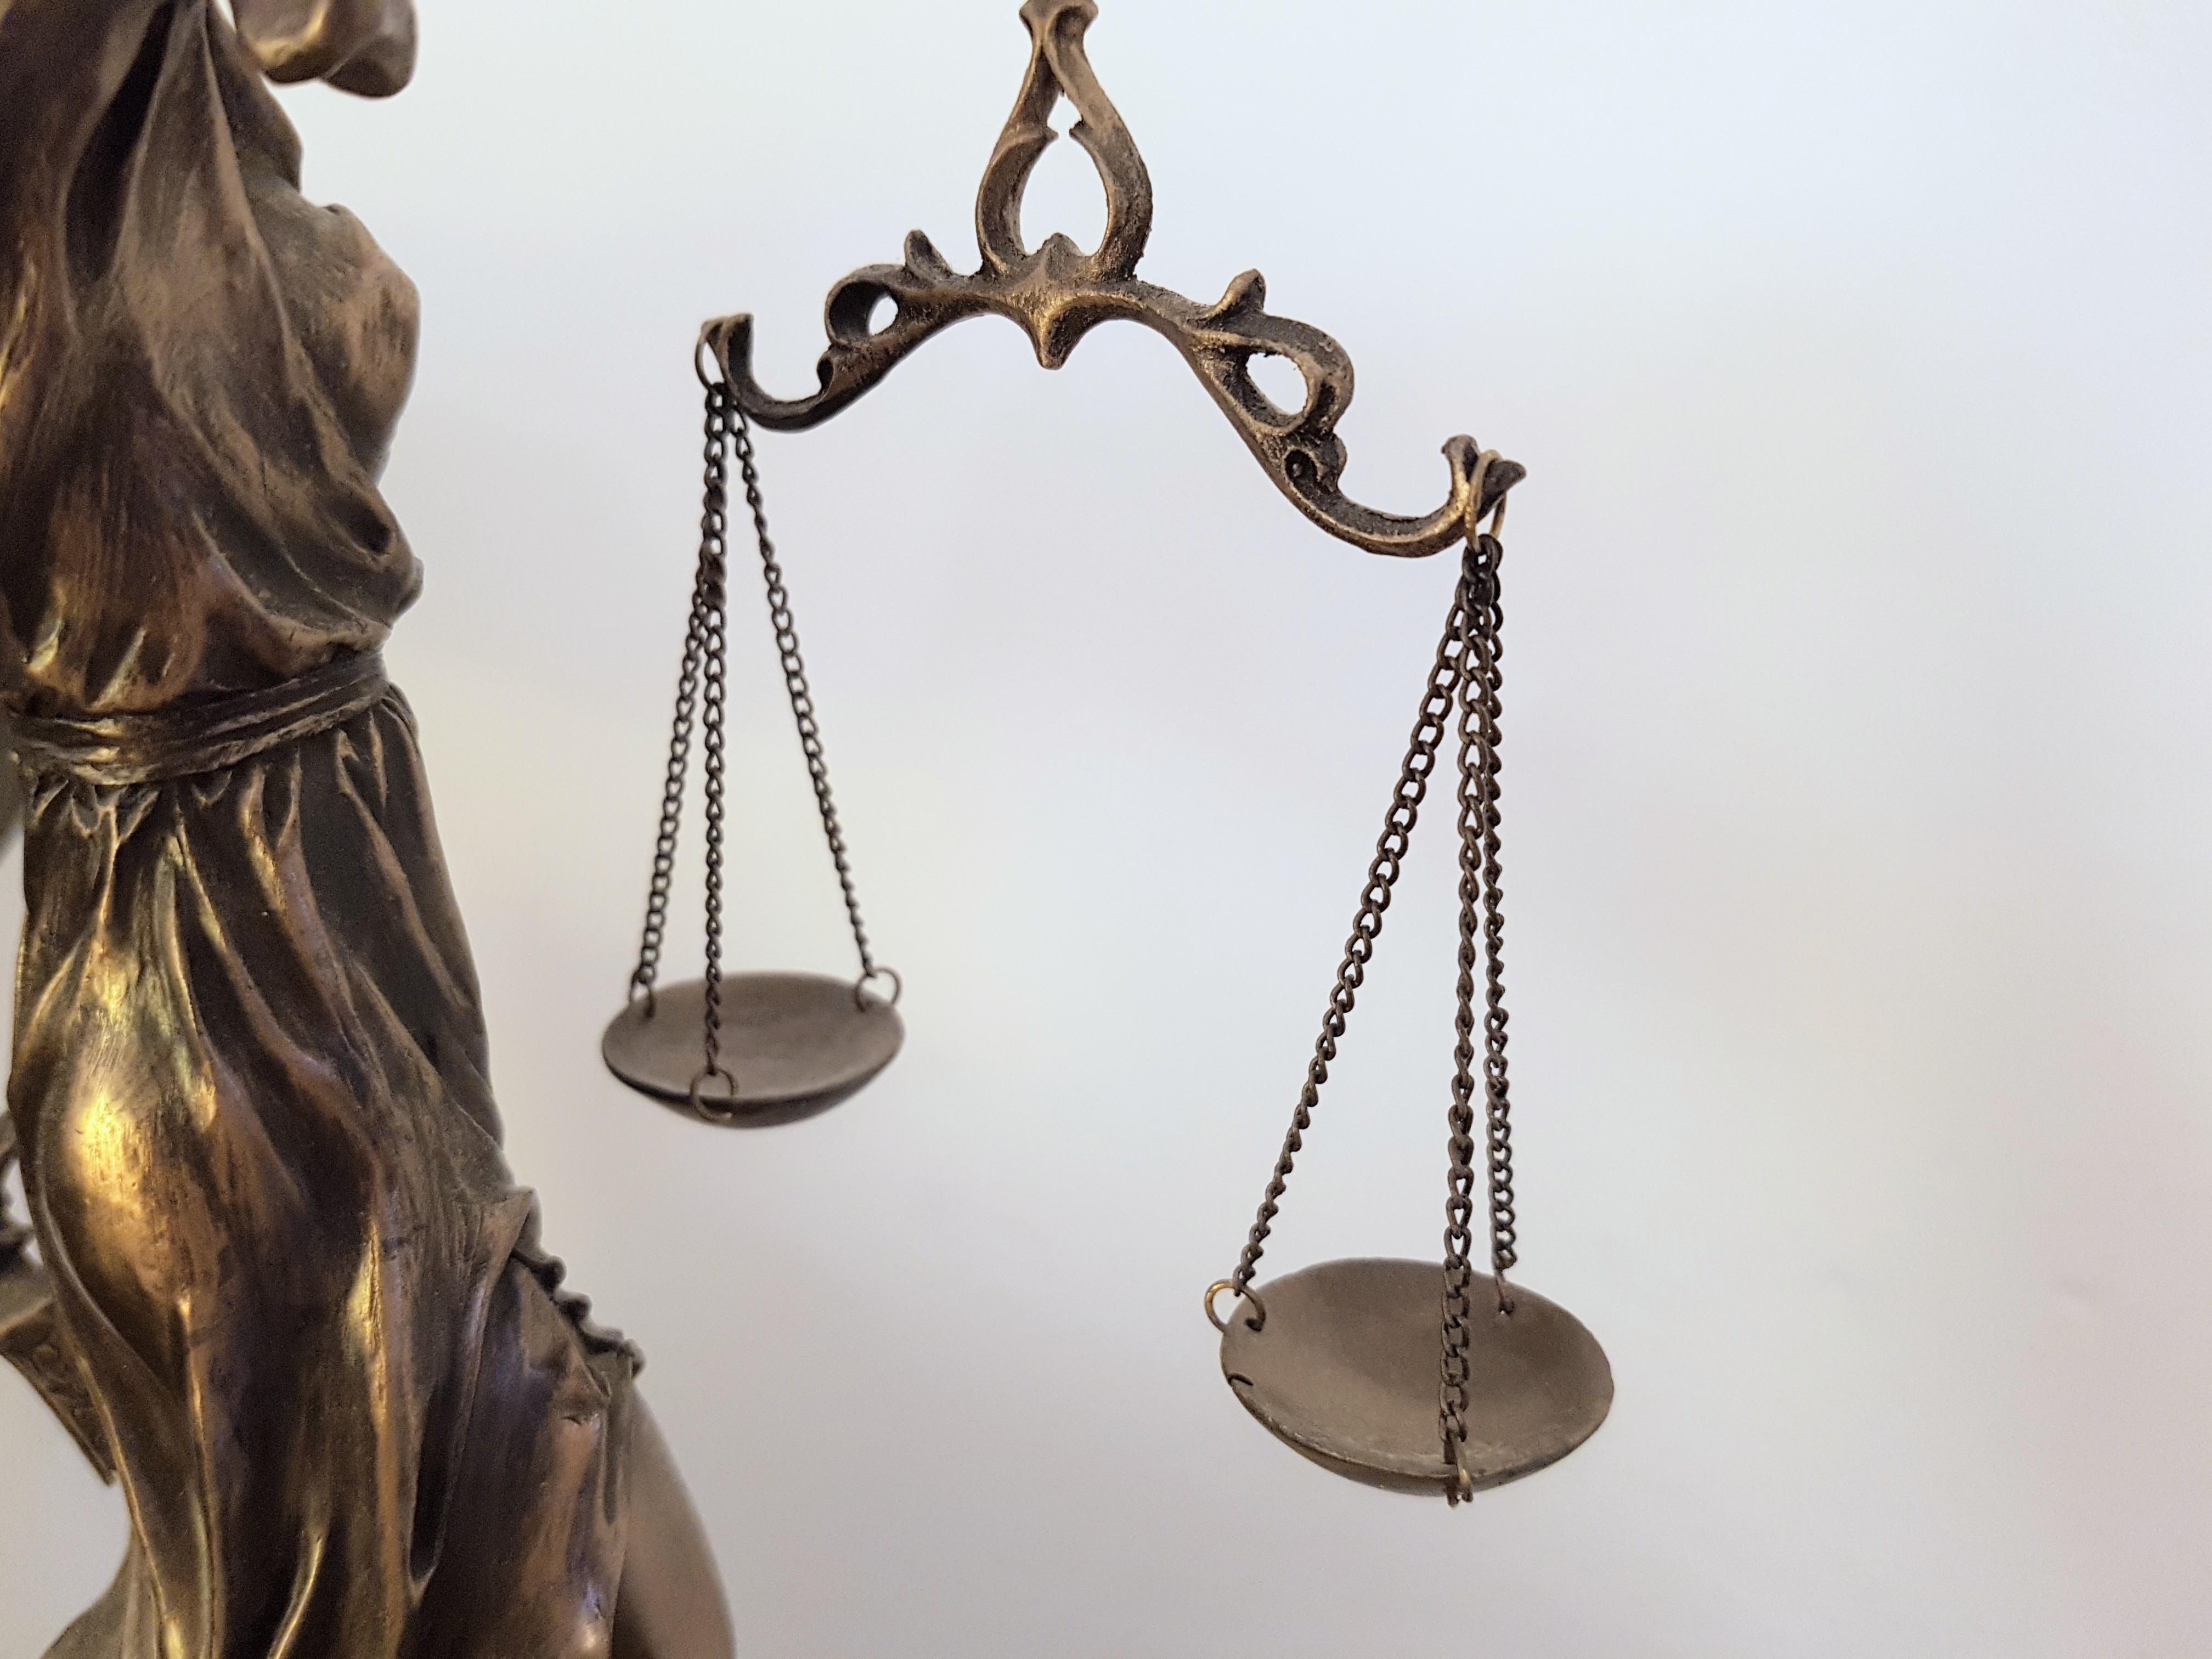 Das Foto zeithainer teilweise zu erkennen der Justizia, die eine Waage hält.